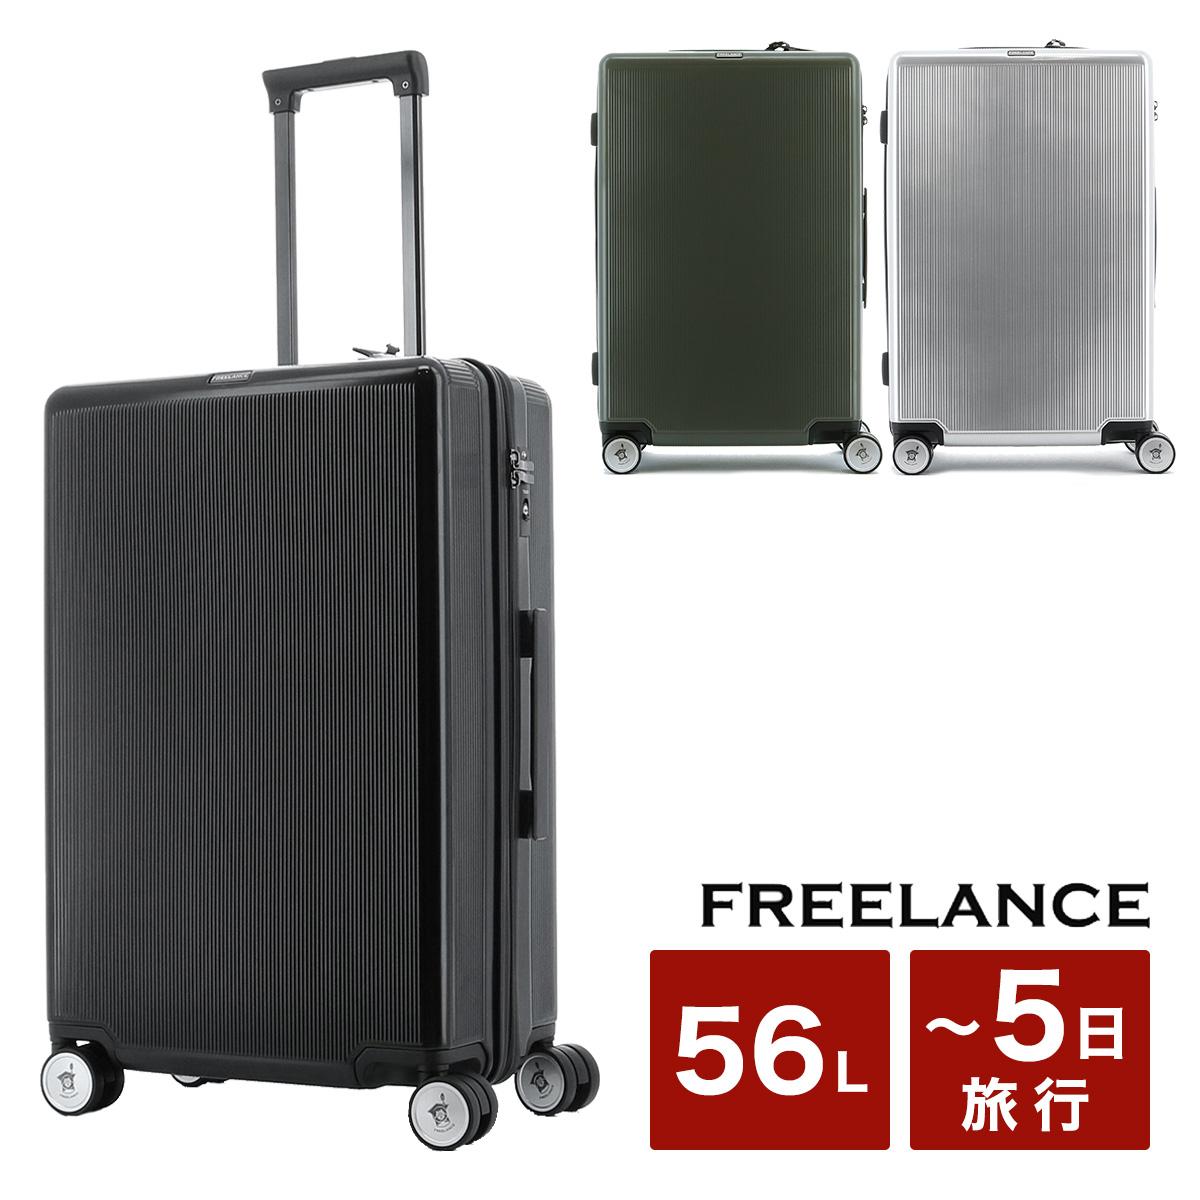 フリーランス FLEELANCE スーツケース FLT-004 61.5cm 【 キャリーケース ハードキャリー 軽量 TSAロック搭載 】[即日発送]